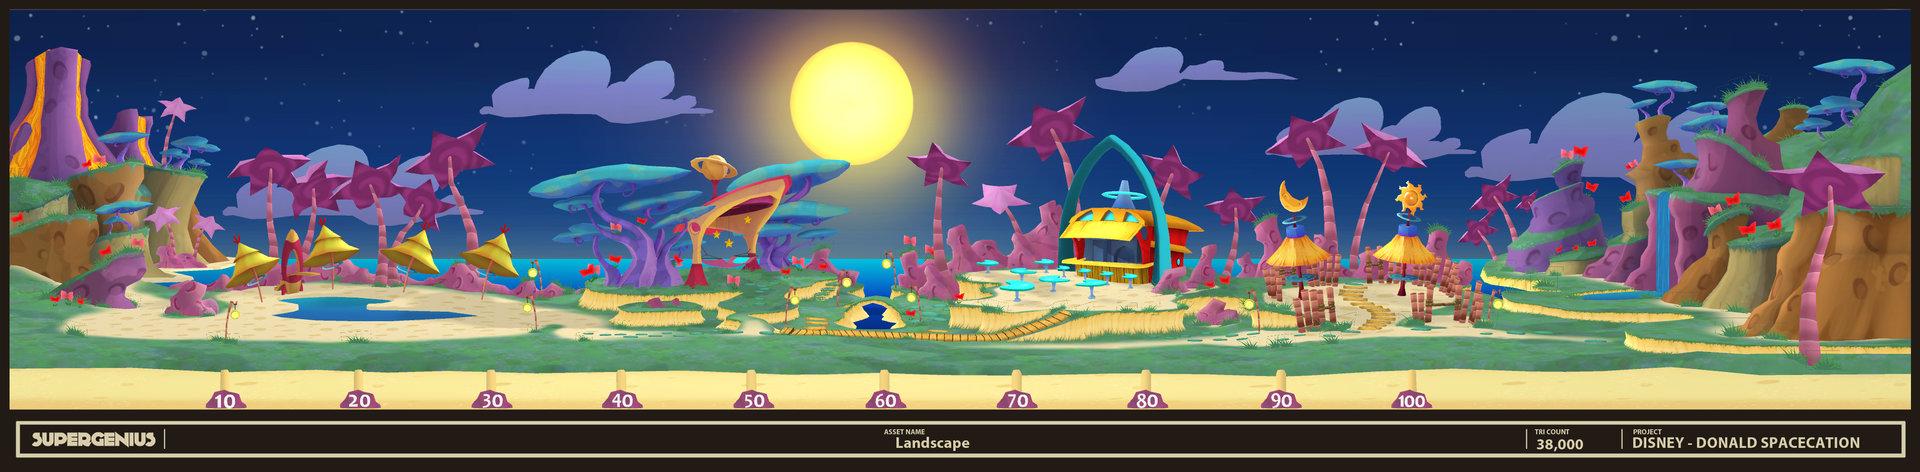 Robert fink disney donald landscape screen